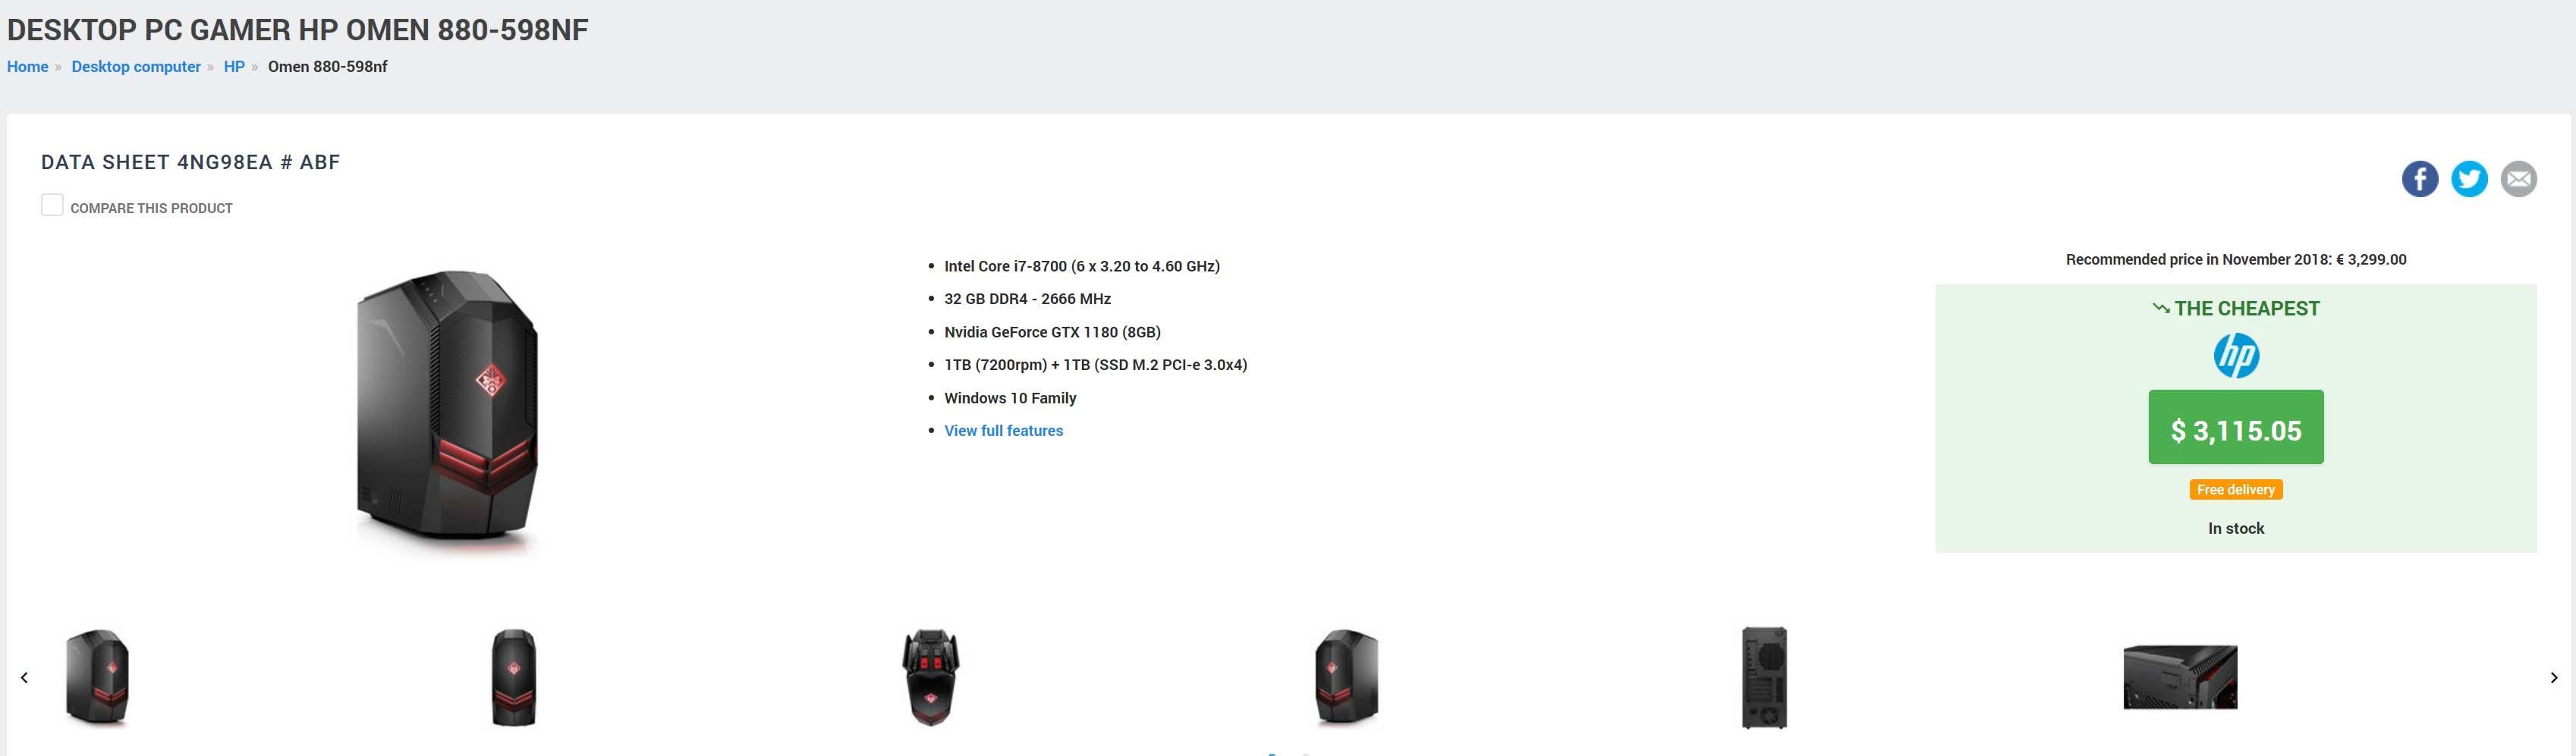 HP-Omen-880-GTX-1180-Feature